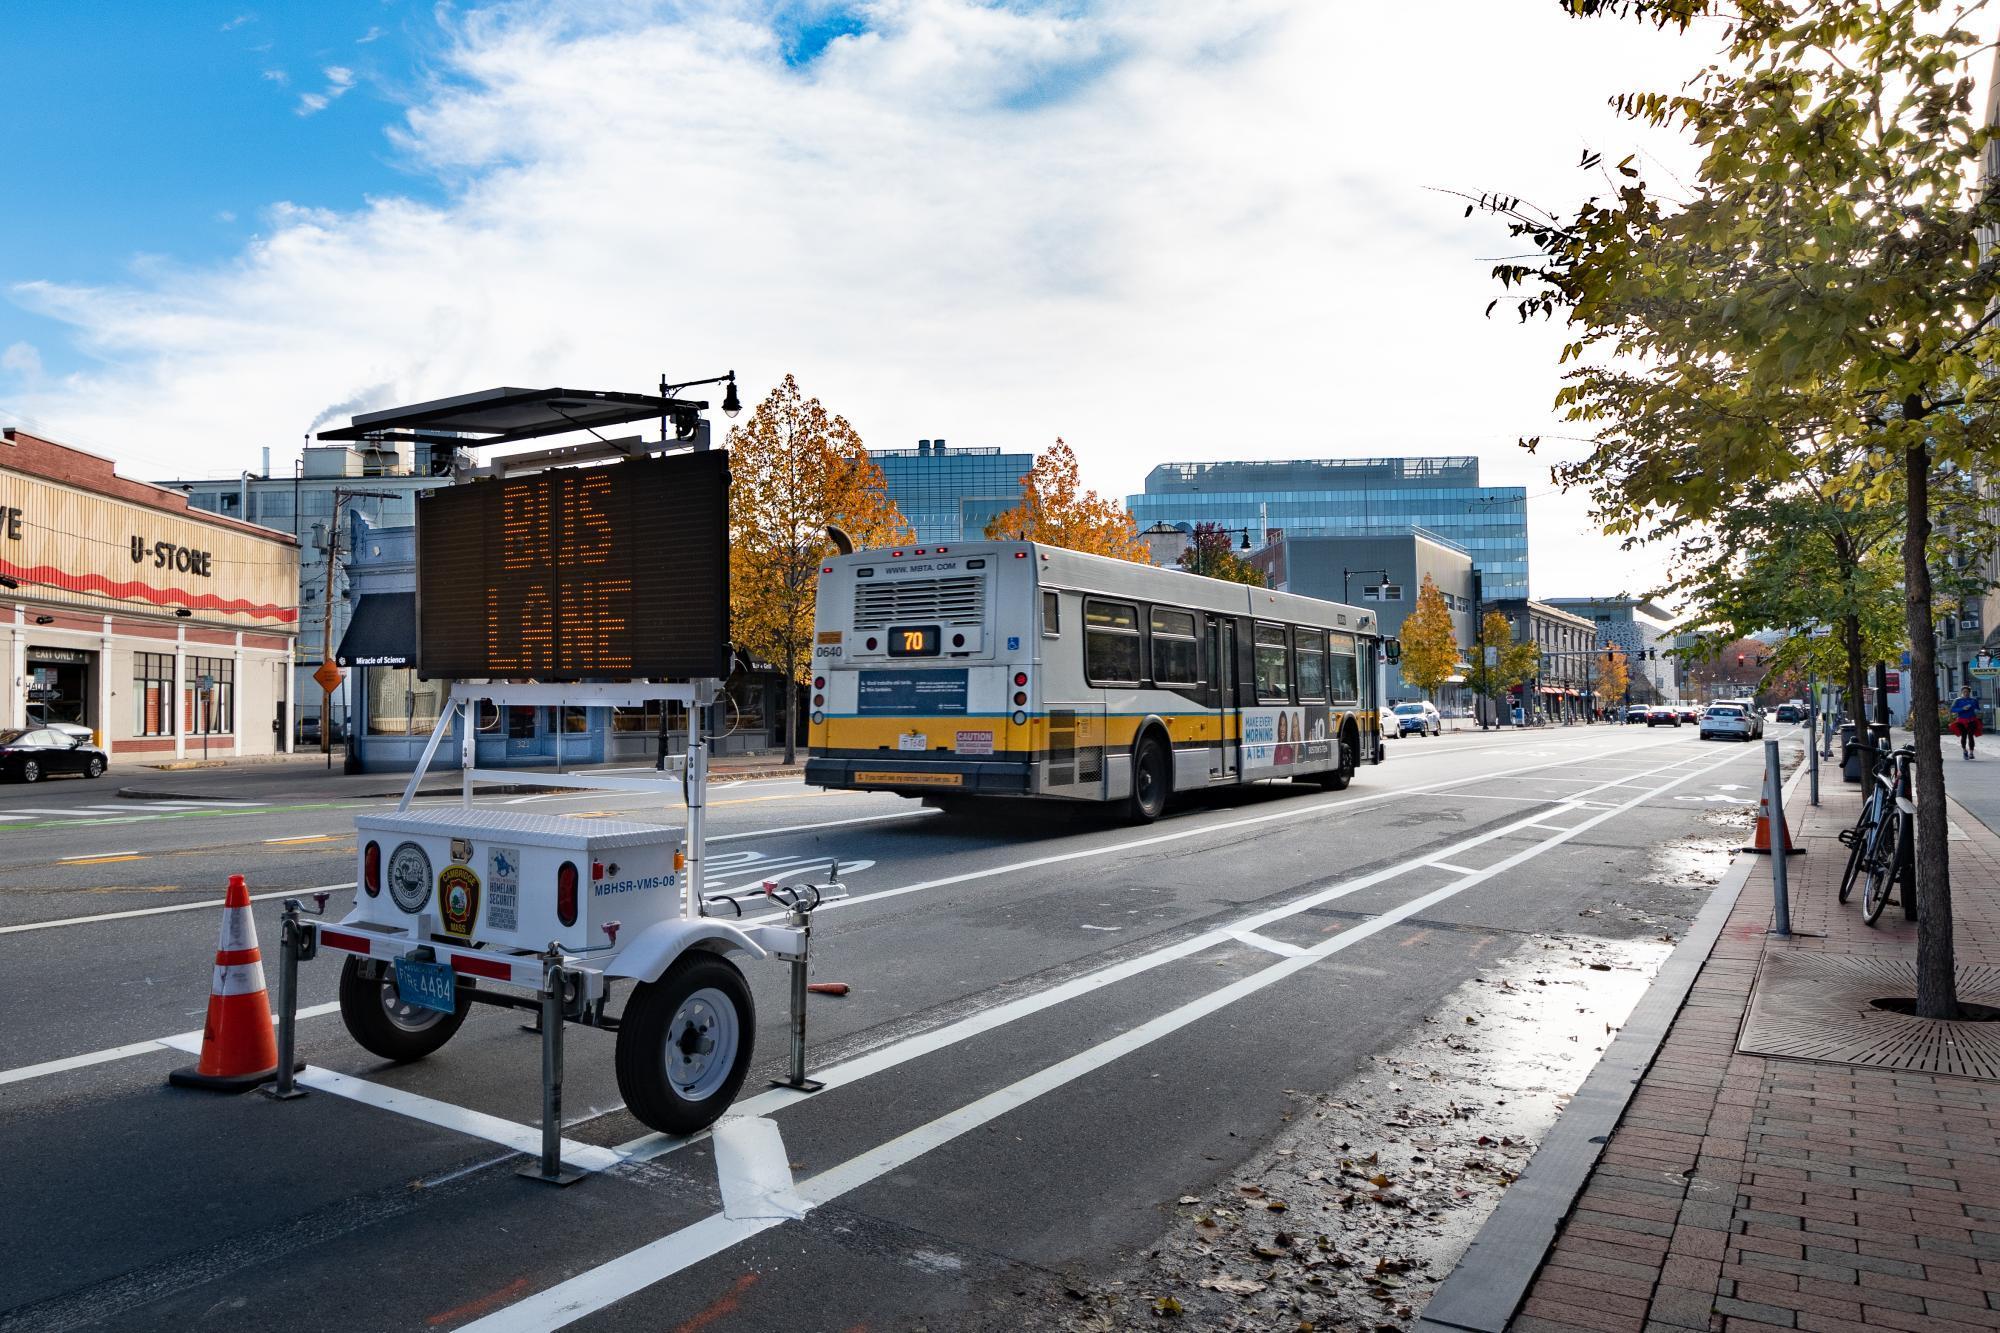 Bus lane on Massachusetts Ave in Cambridge, near Central Square (November 2018)